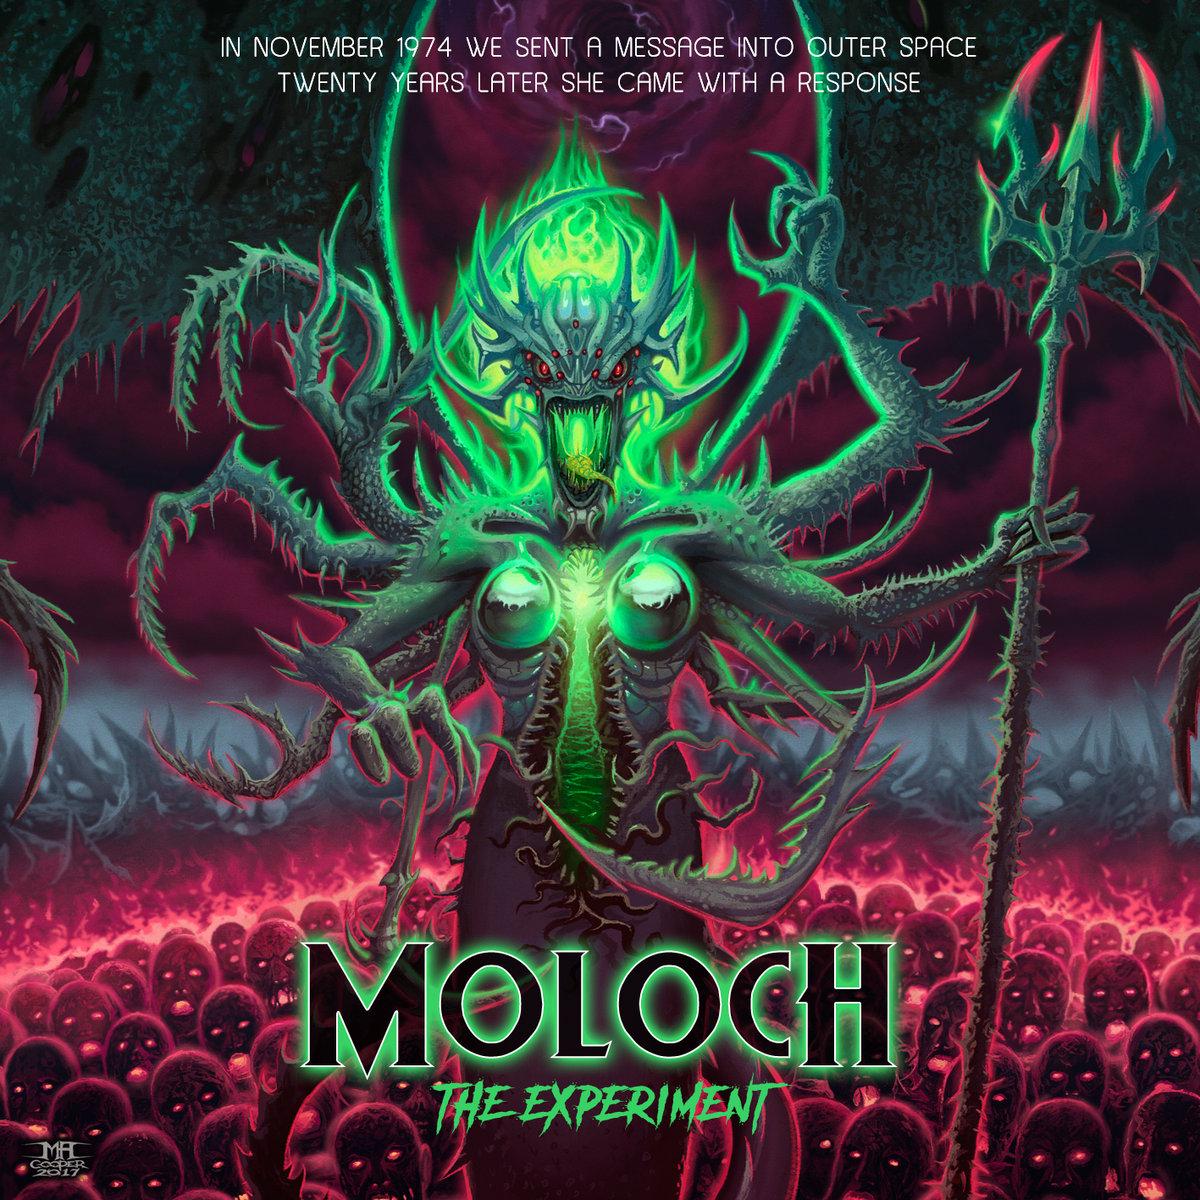 Nowy singiel Moloch The Experiment już dostępny!